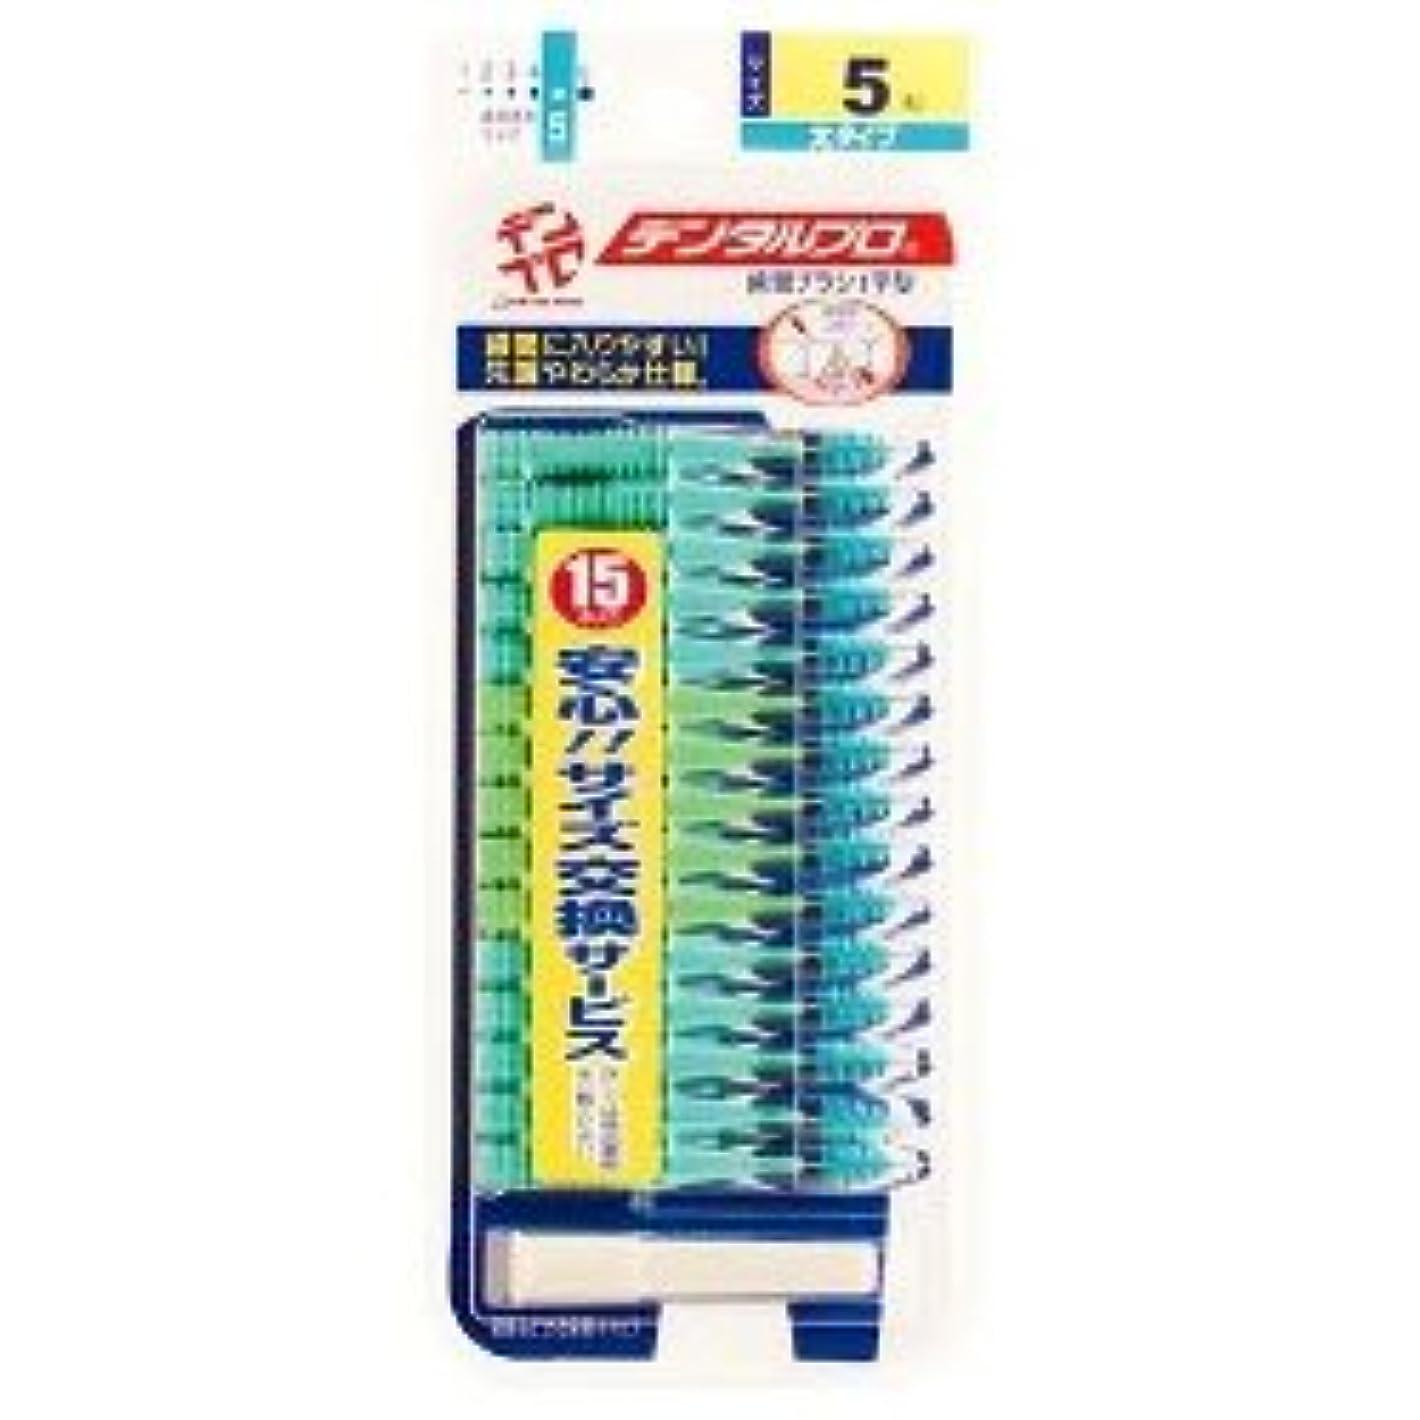 櫛見捨てる混乱【デンタルプロ】デンタルプロ 歯間ブラシ サイズ5-L 15本入 ×3個セット